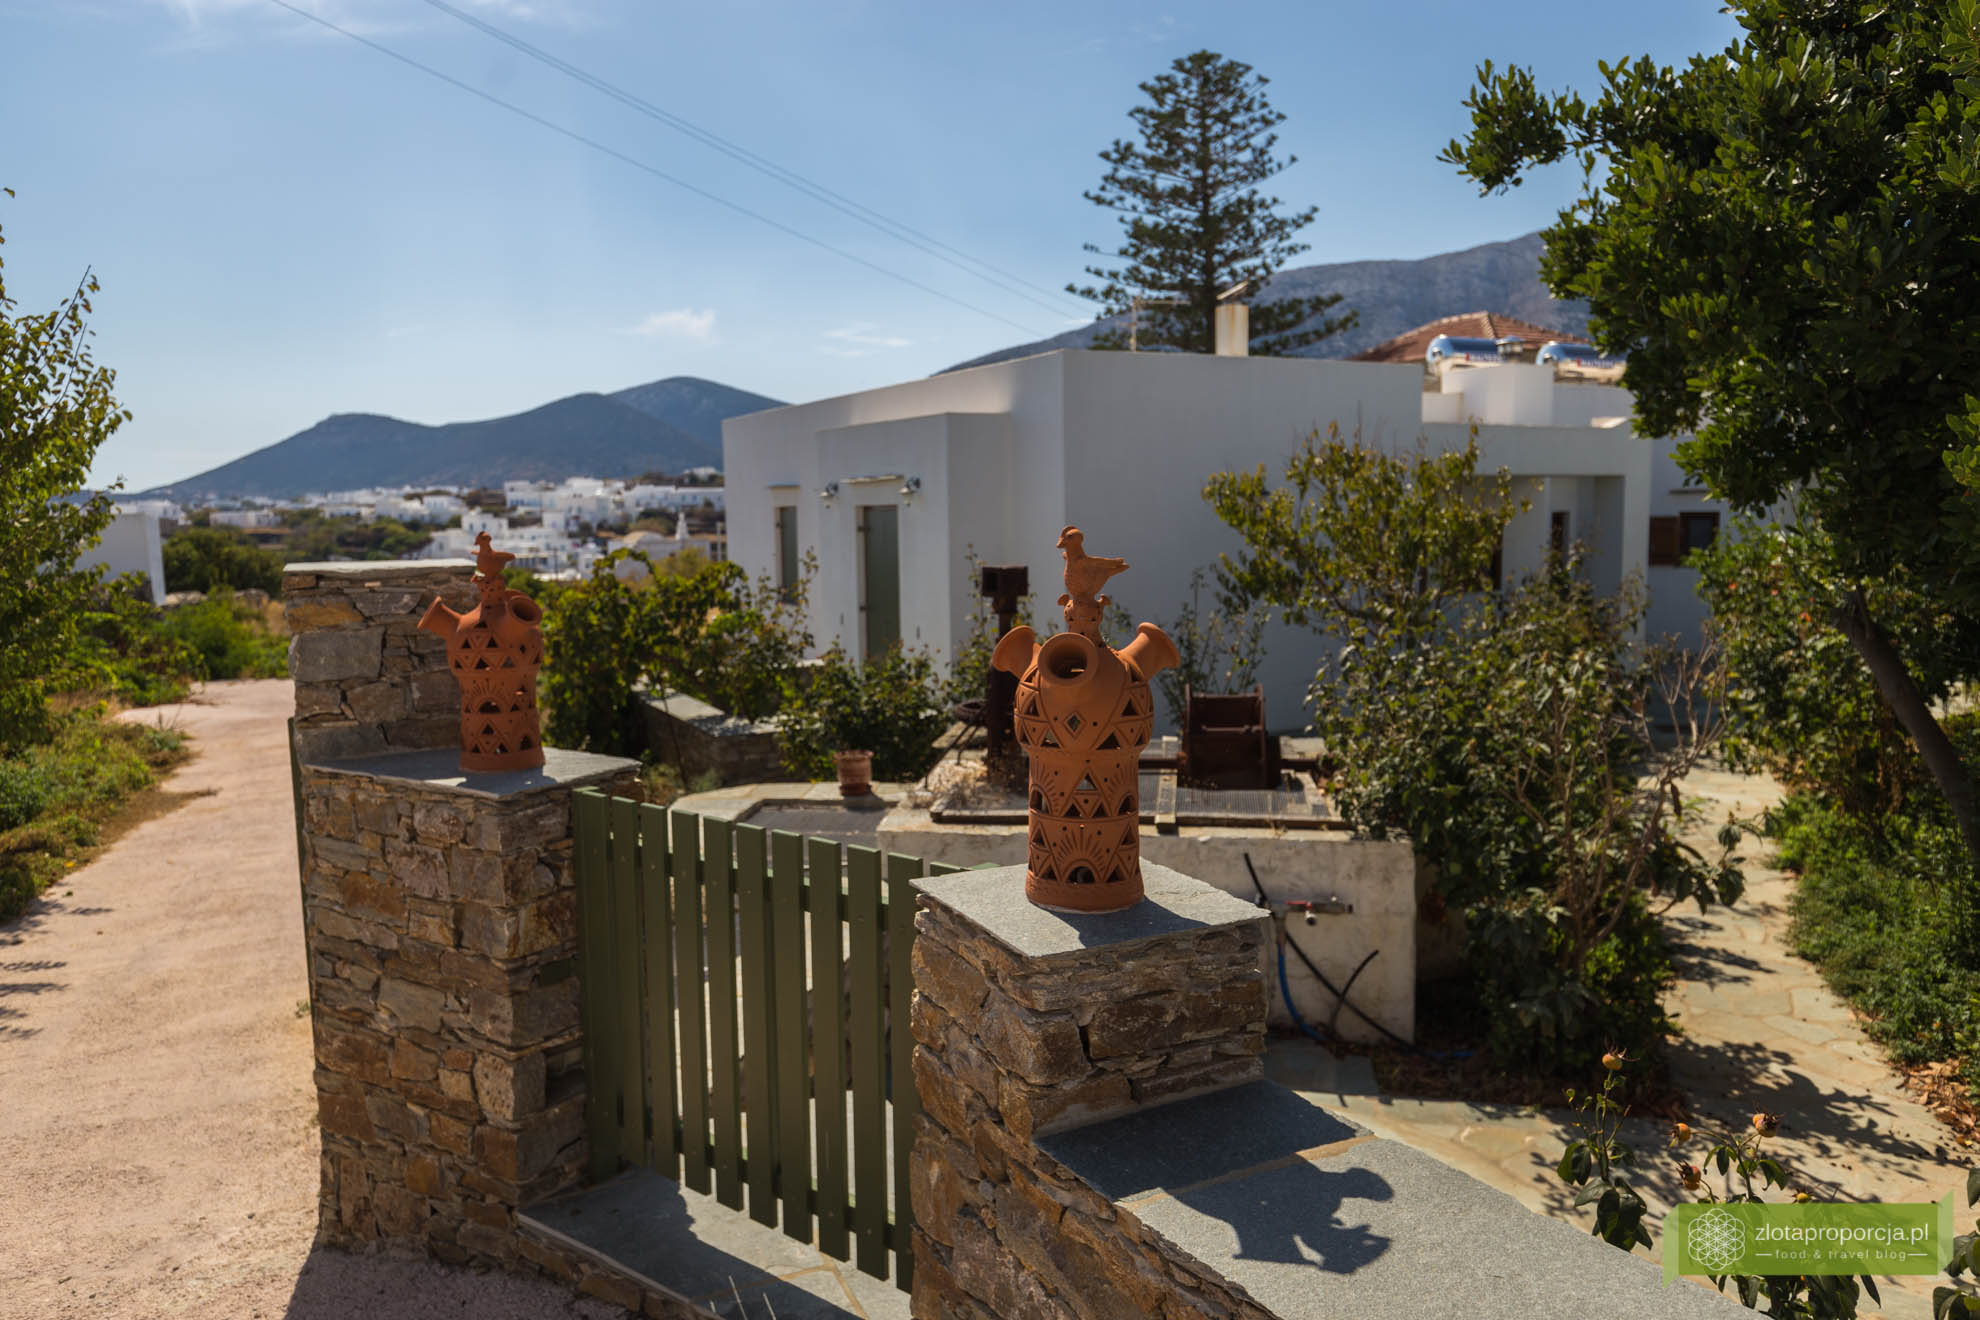 Sifnos, Cyklady, Grecja, Greckie wyspy; Wyspa Sifnos; Cyklady ciekawe miejsca; Kamares, ceramika z Sifnos, Apollonia, kominy z Sifnos